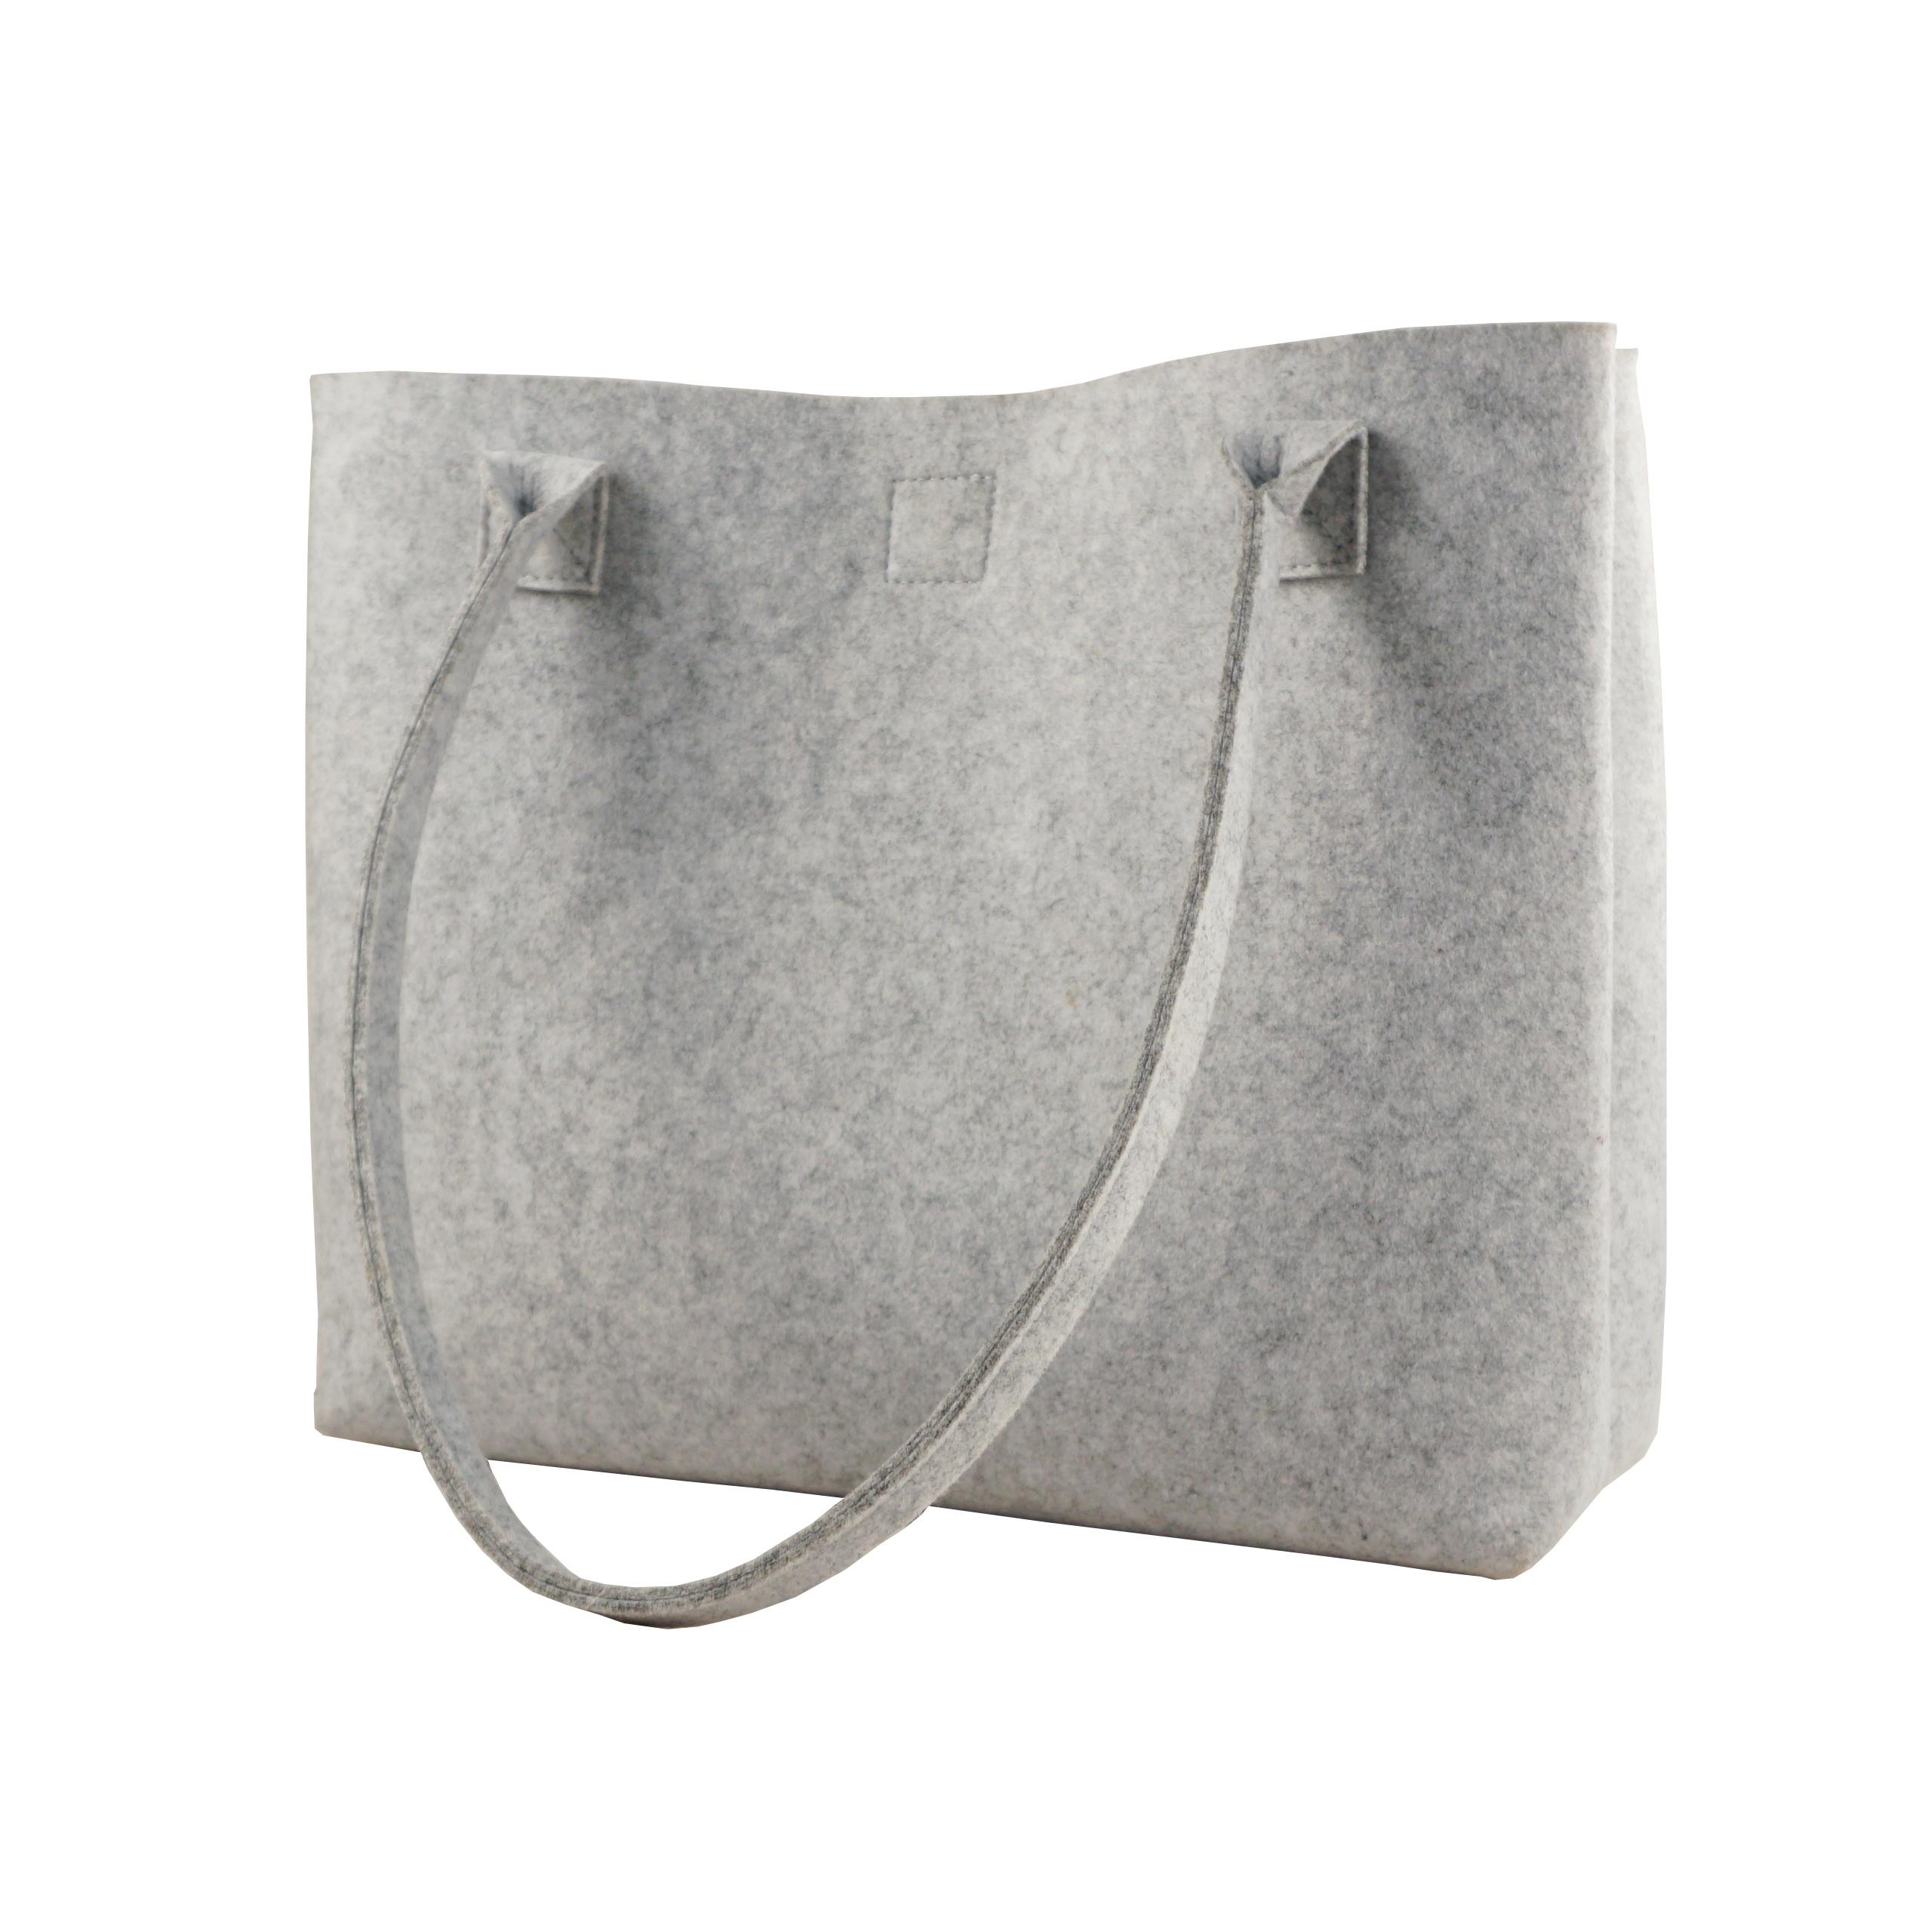 Сумка-тоут Upin из войлока ручной работы для покупок, Повседневная сумка из войлока для женщин с карманами